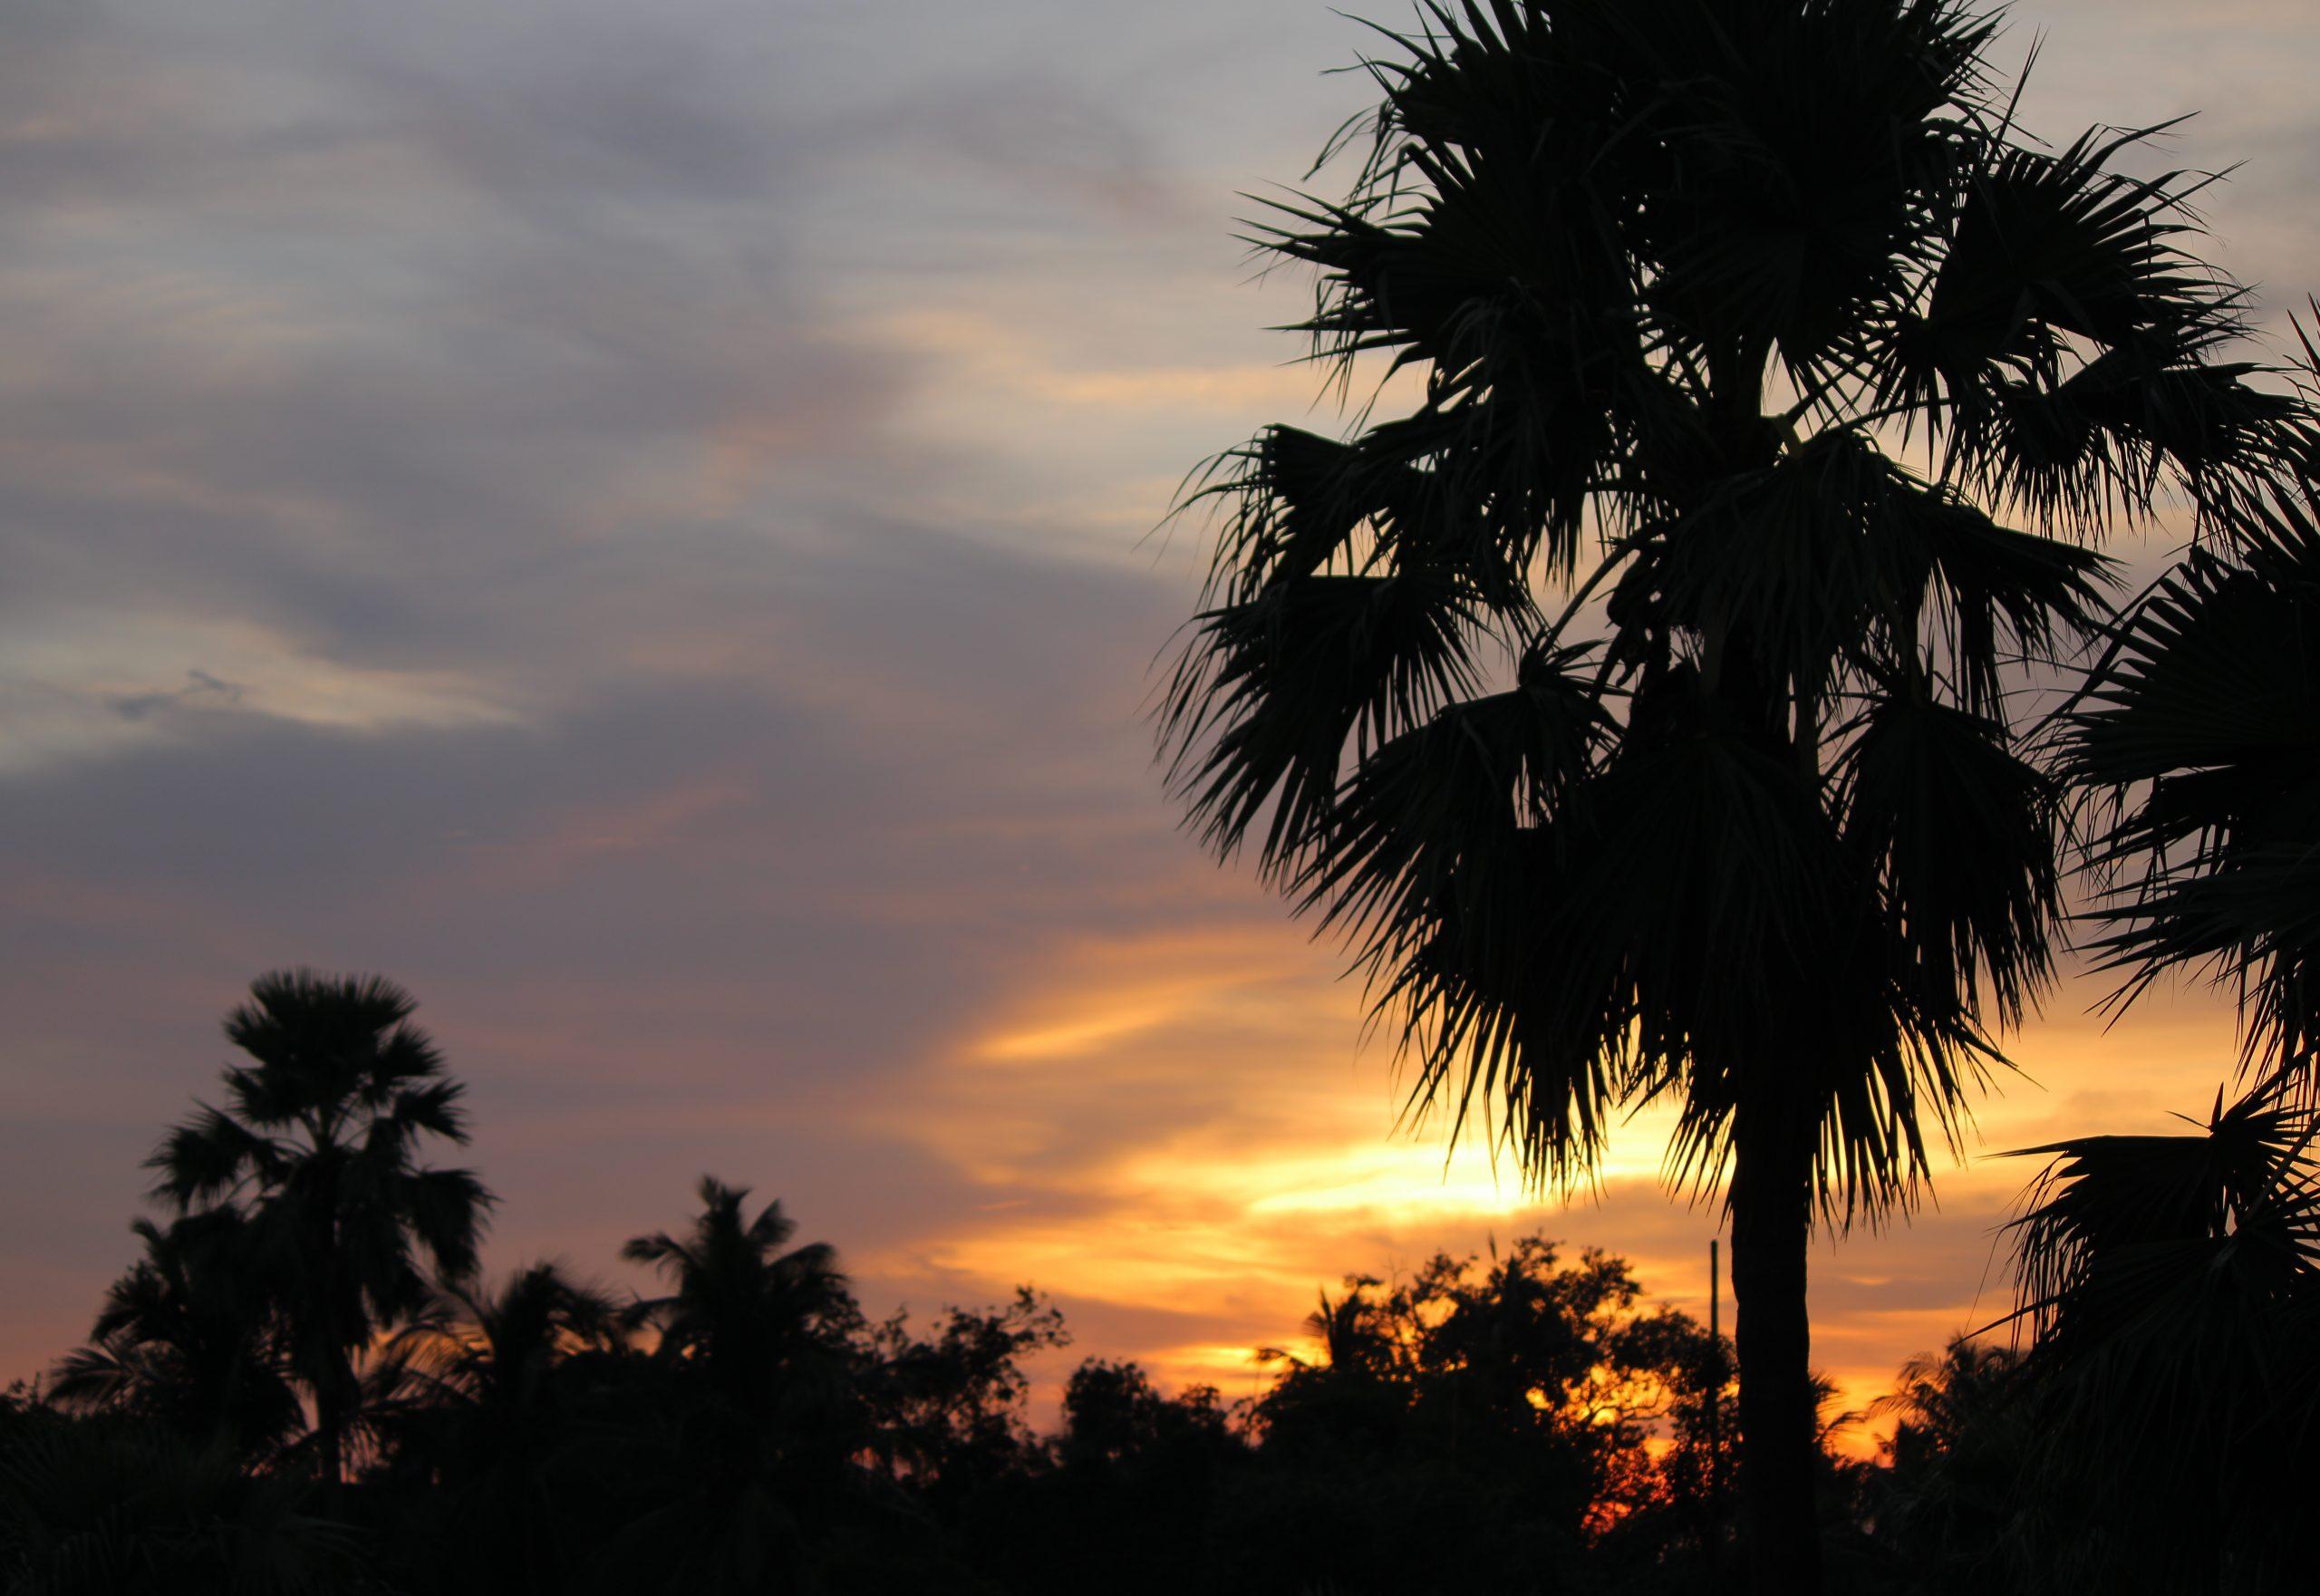 A Sunset Shot Behind A Tree